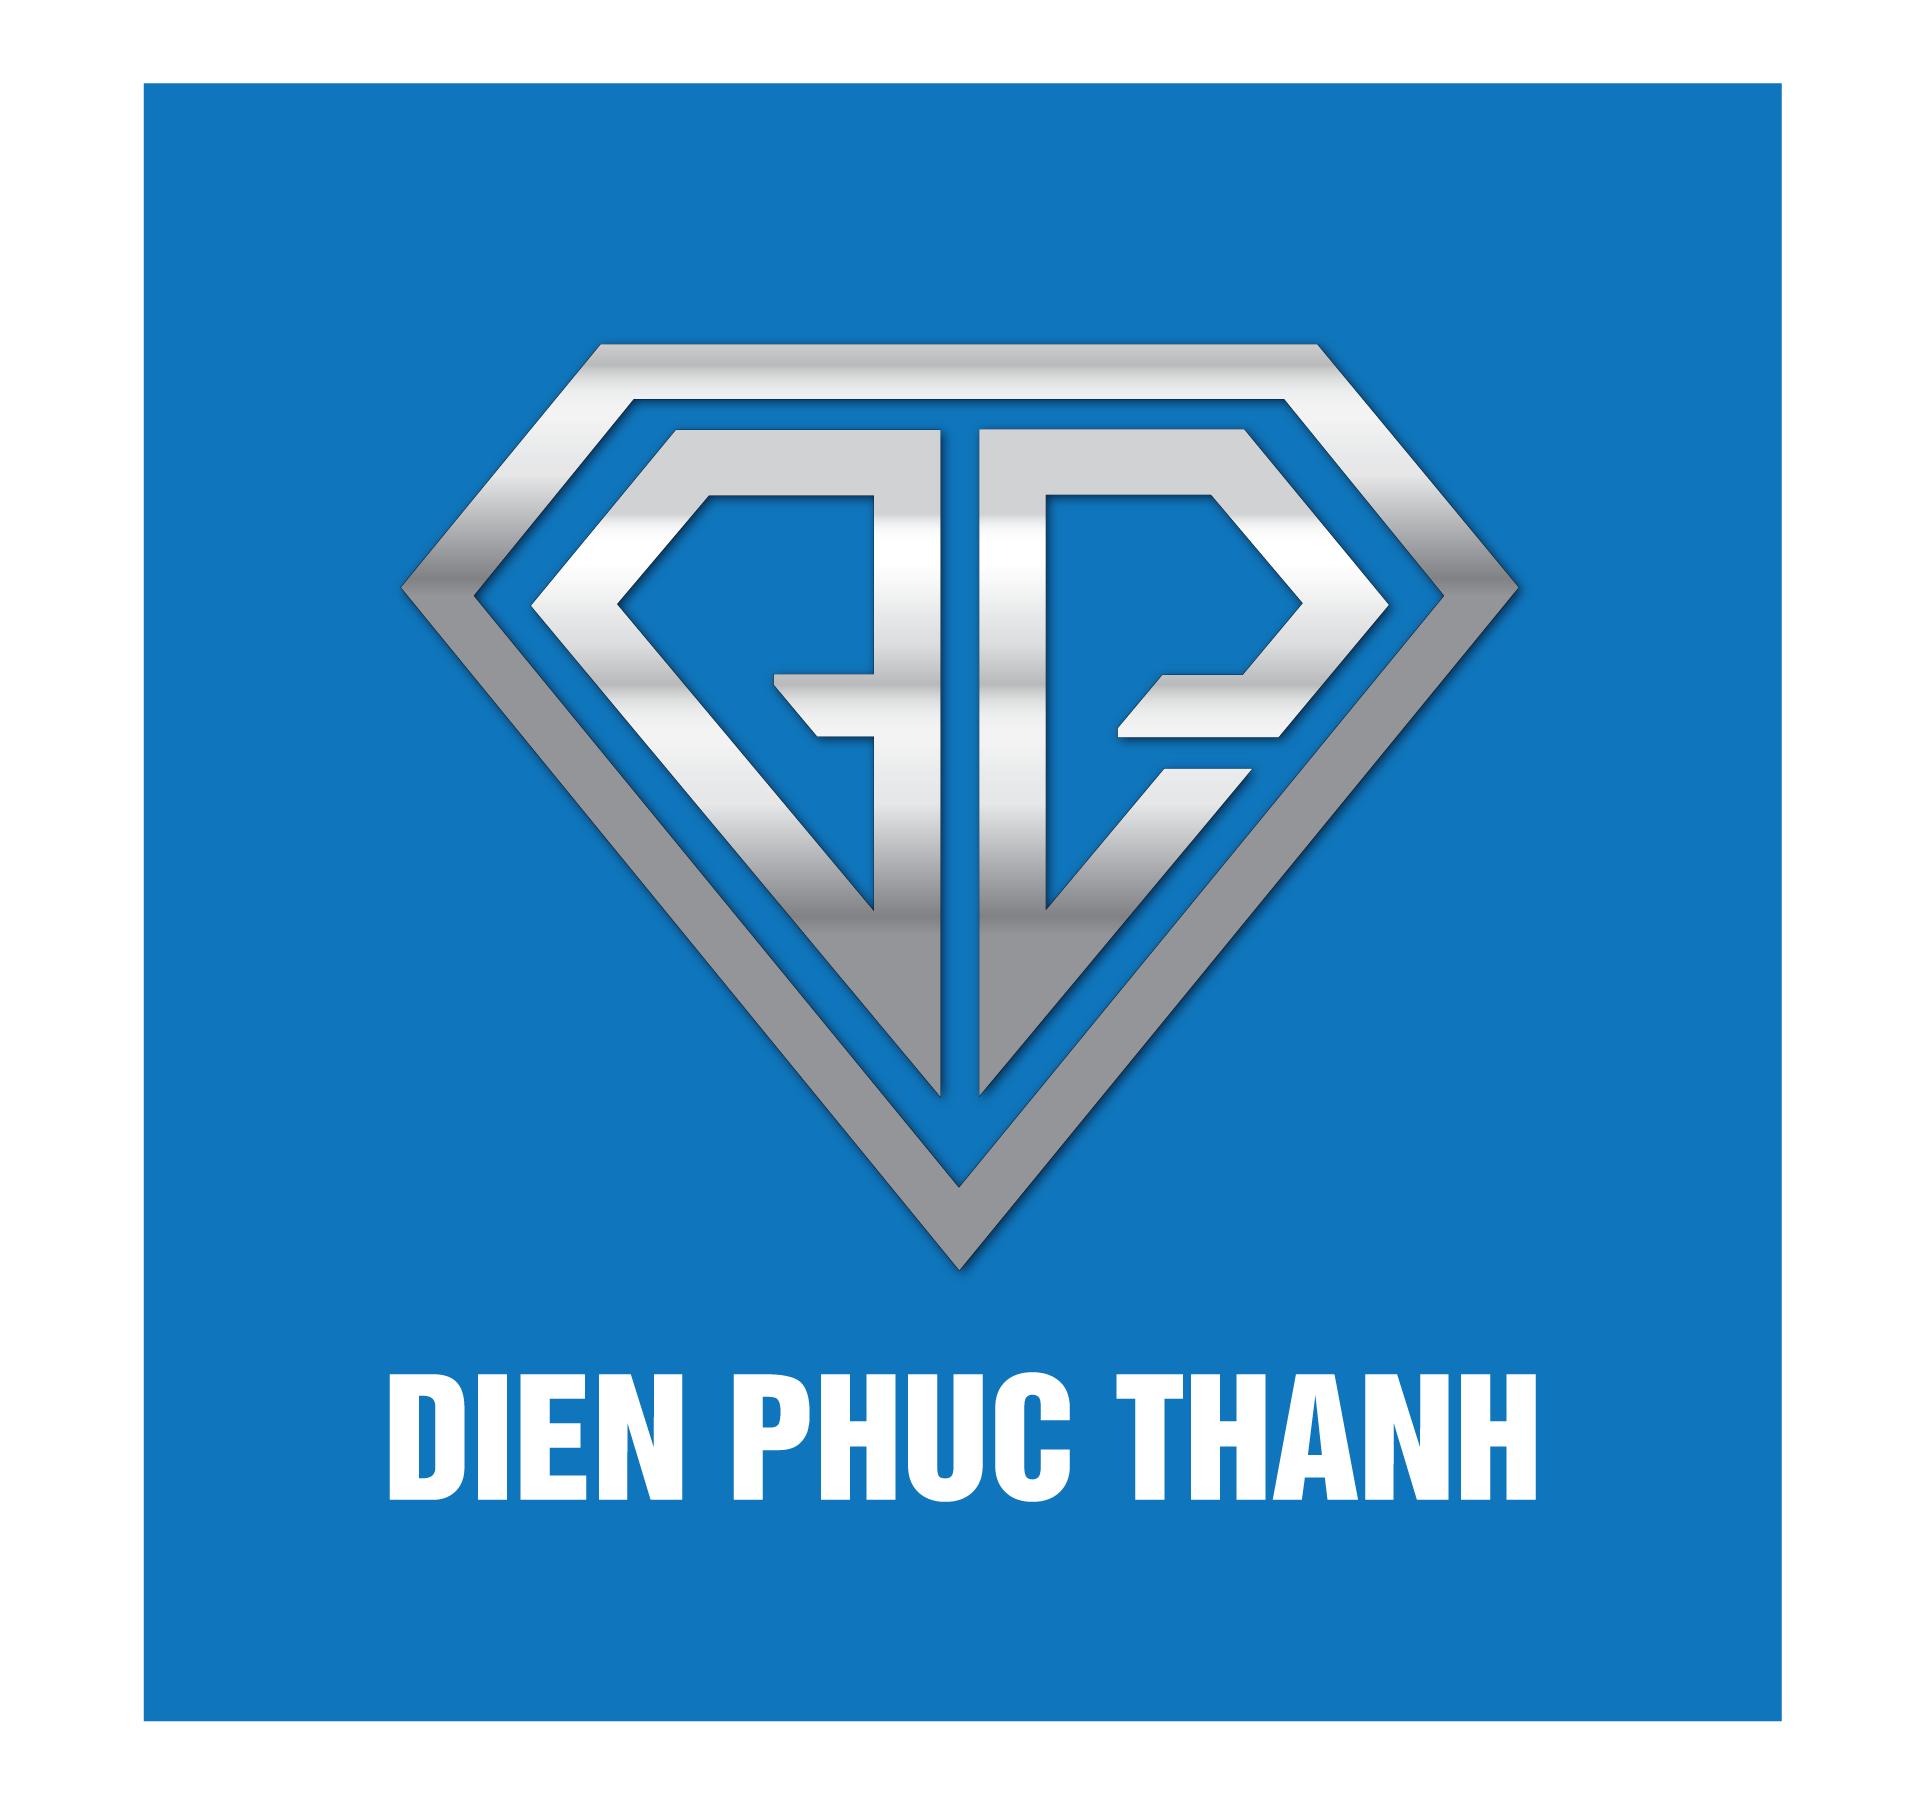 logo dien phuc thanh - Điền Phúc Thành là công ty nào? Cập nhật năm 2020